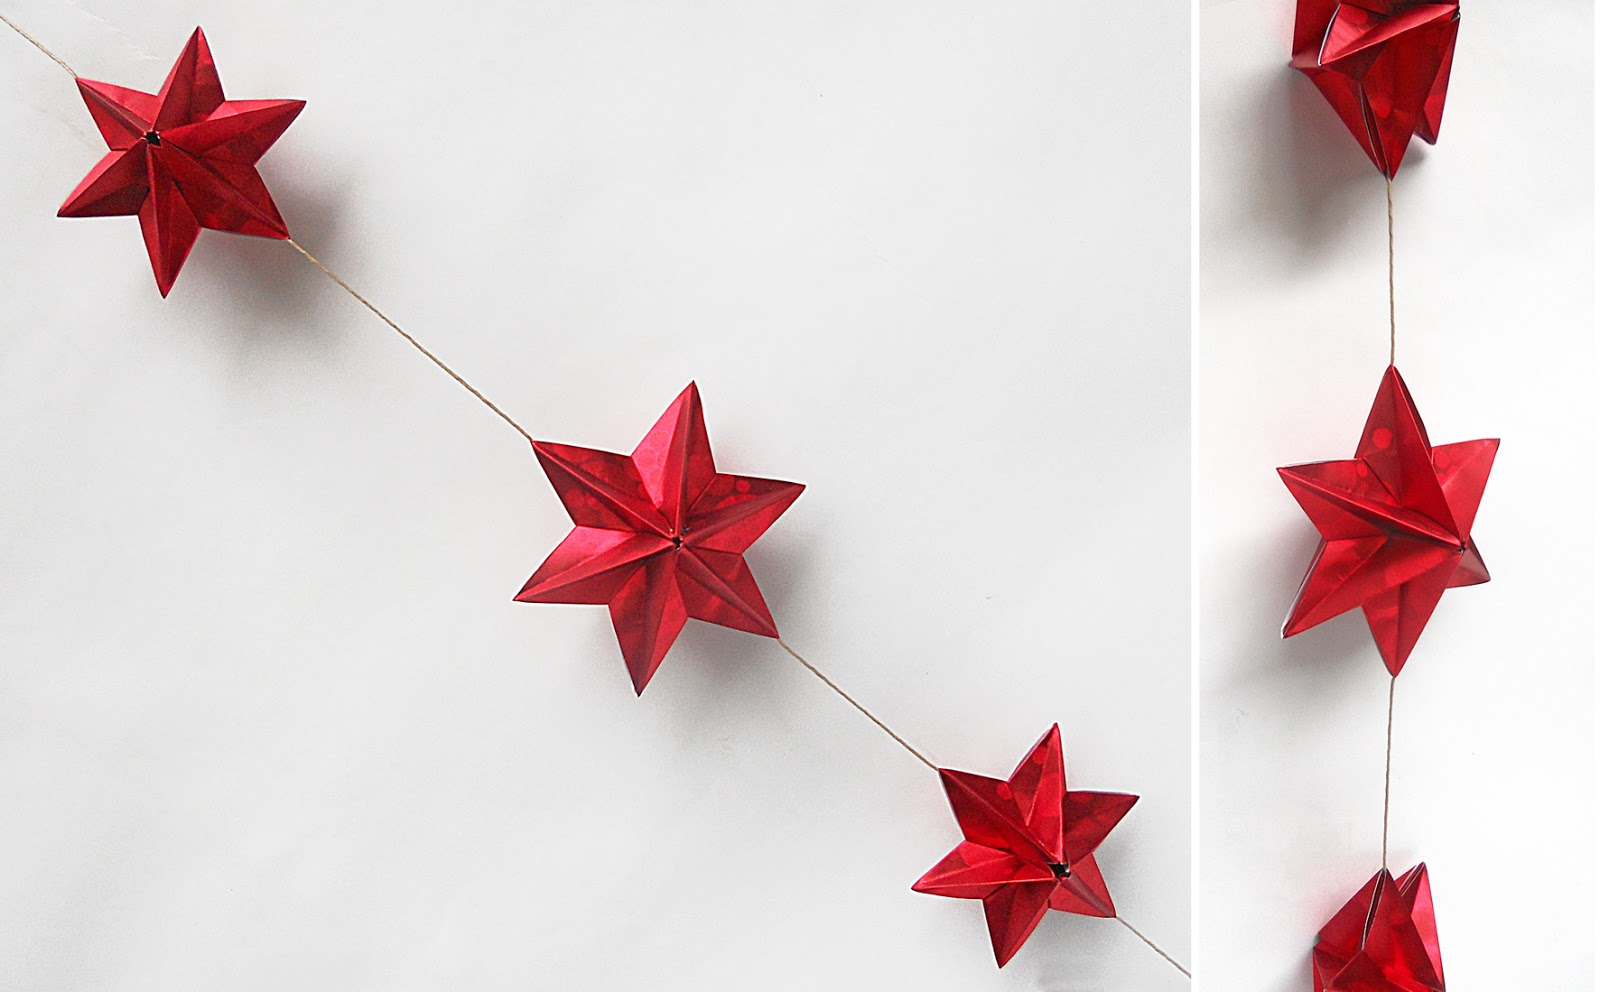 Origami Decoracion Navidad ~ Un? varias estrellitas rojas con un hilo para formar un m?vil